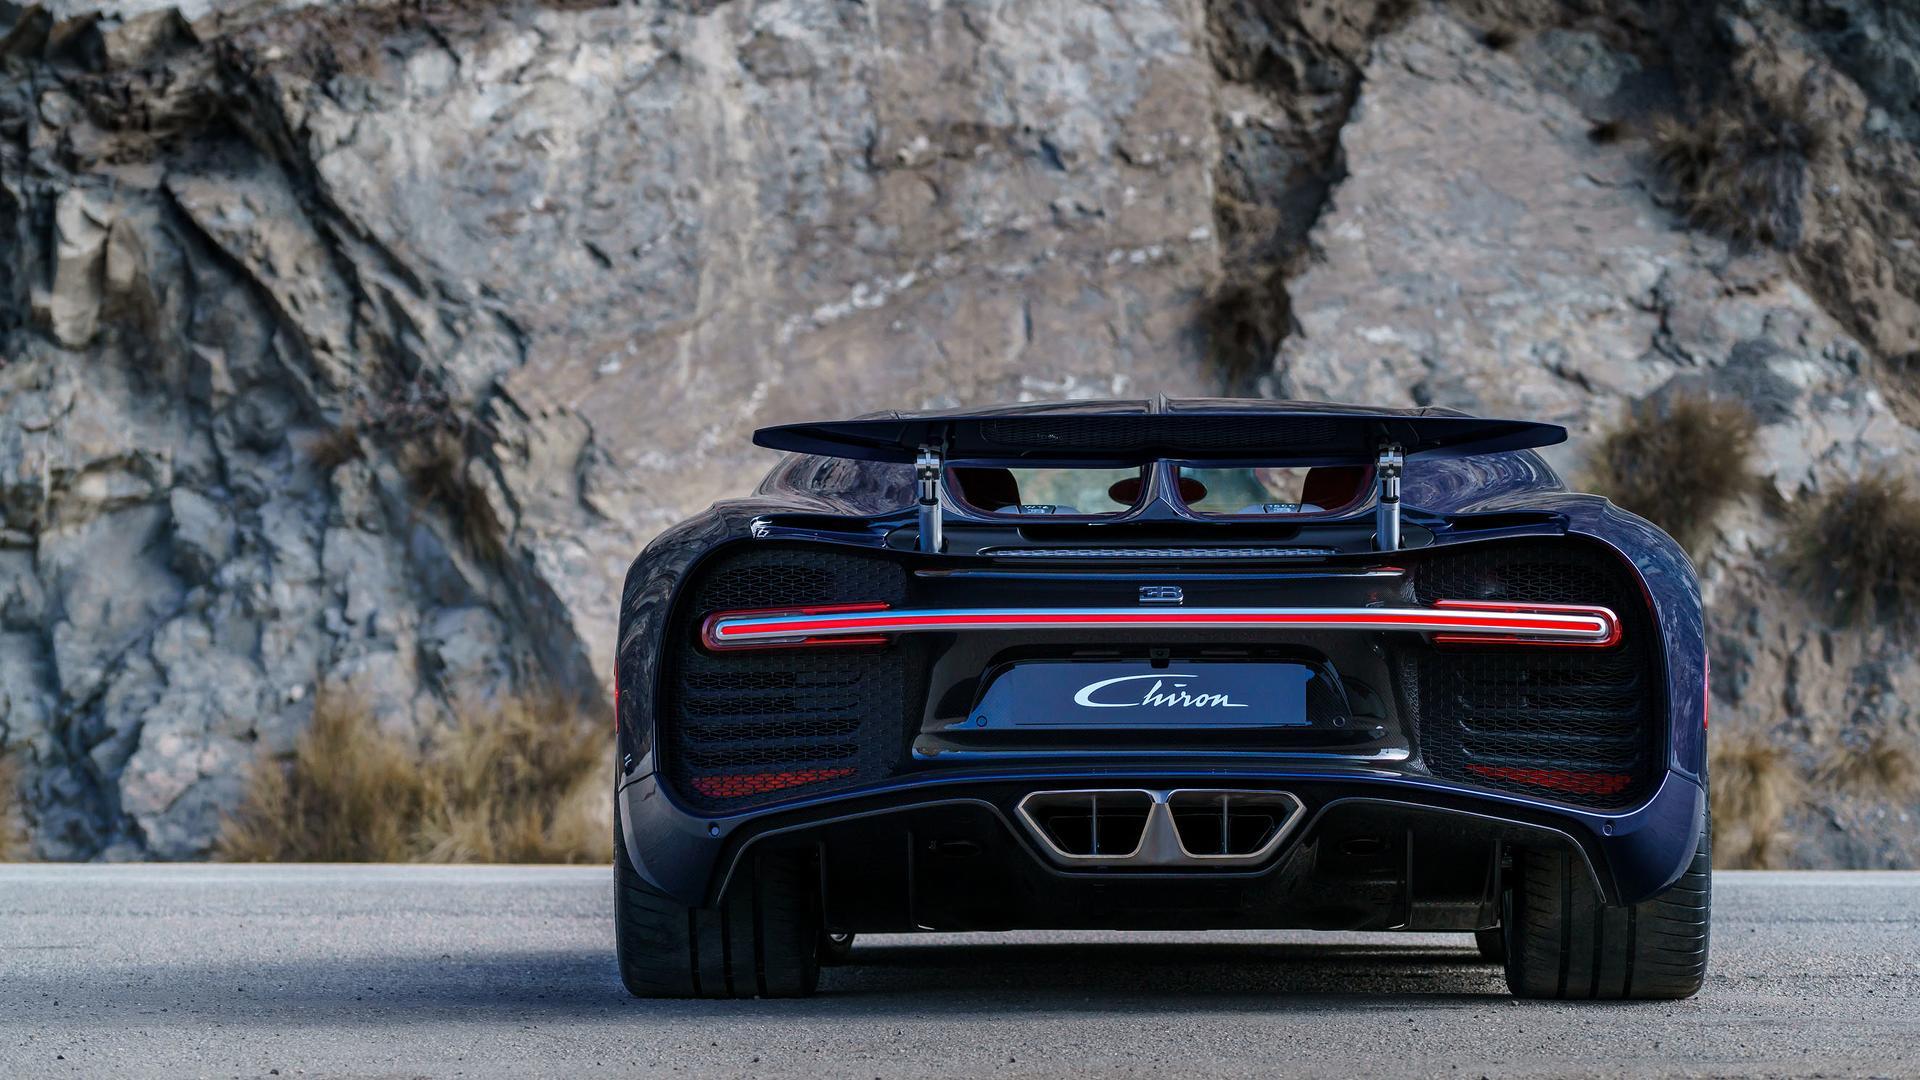 بوگاتی چیرون - اجاره ماشین - اجاره خودرو - کرایه ماشین